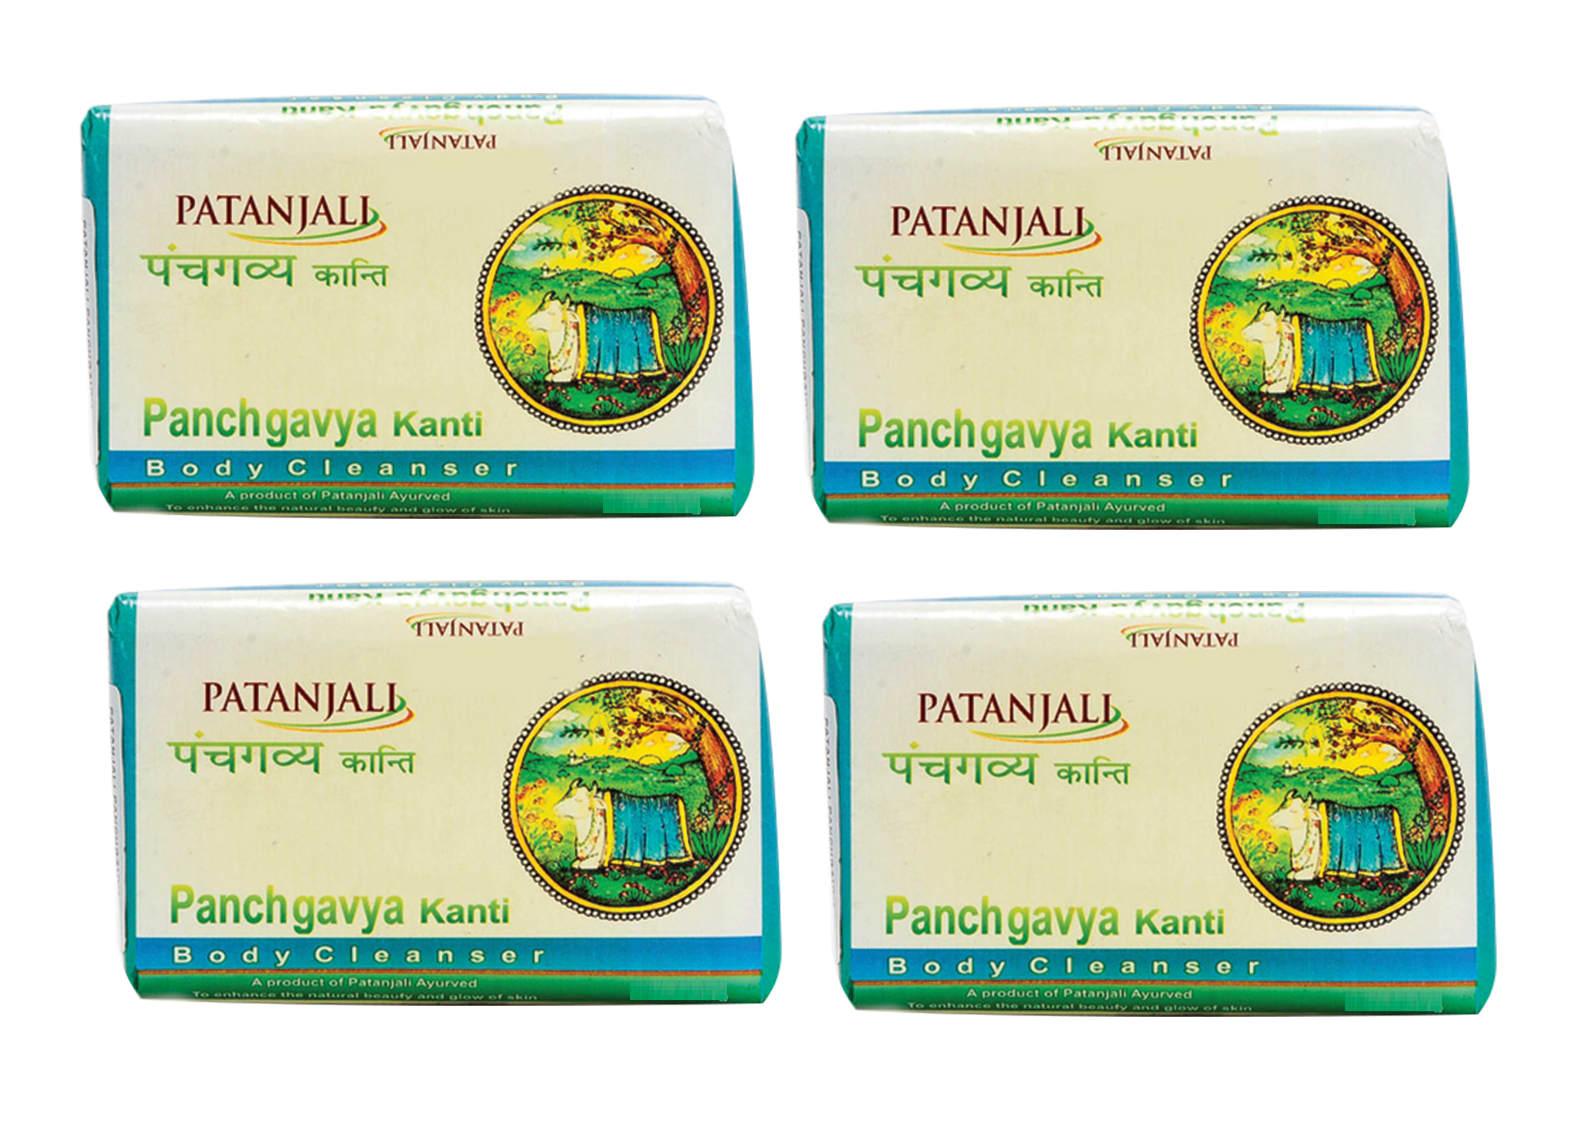 Patanjali Ayurveda Panchgavya Kanti Body Cleanser Pack of 4